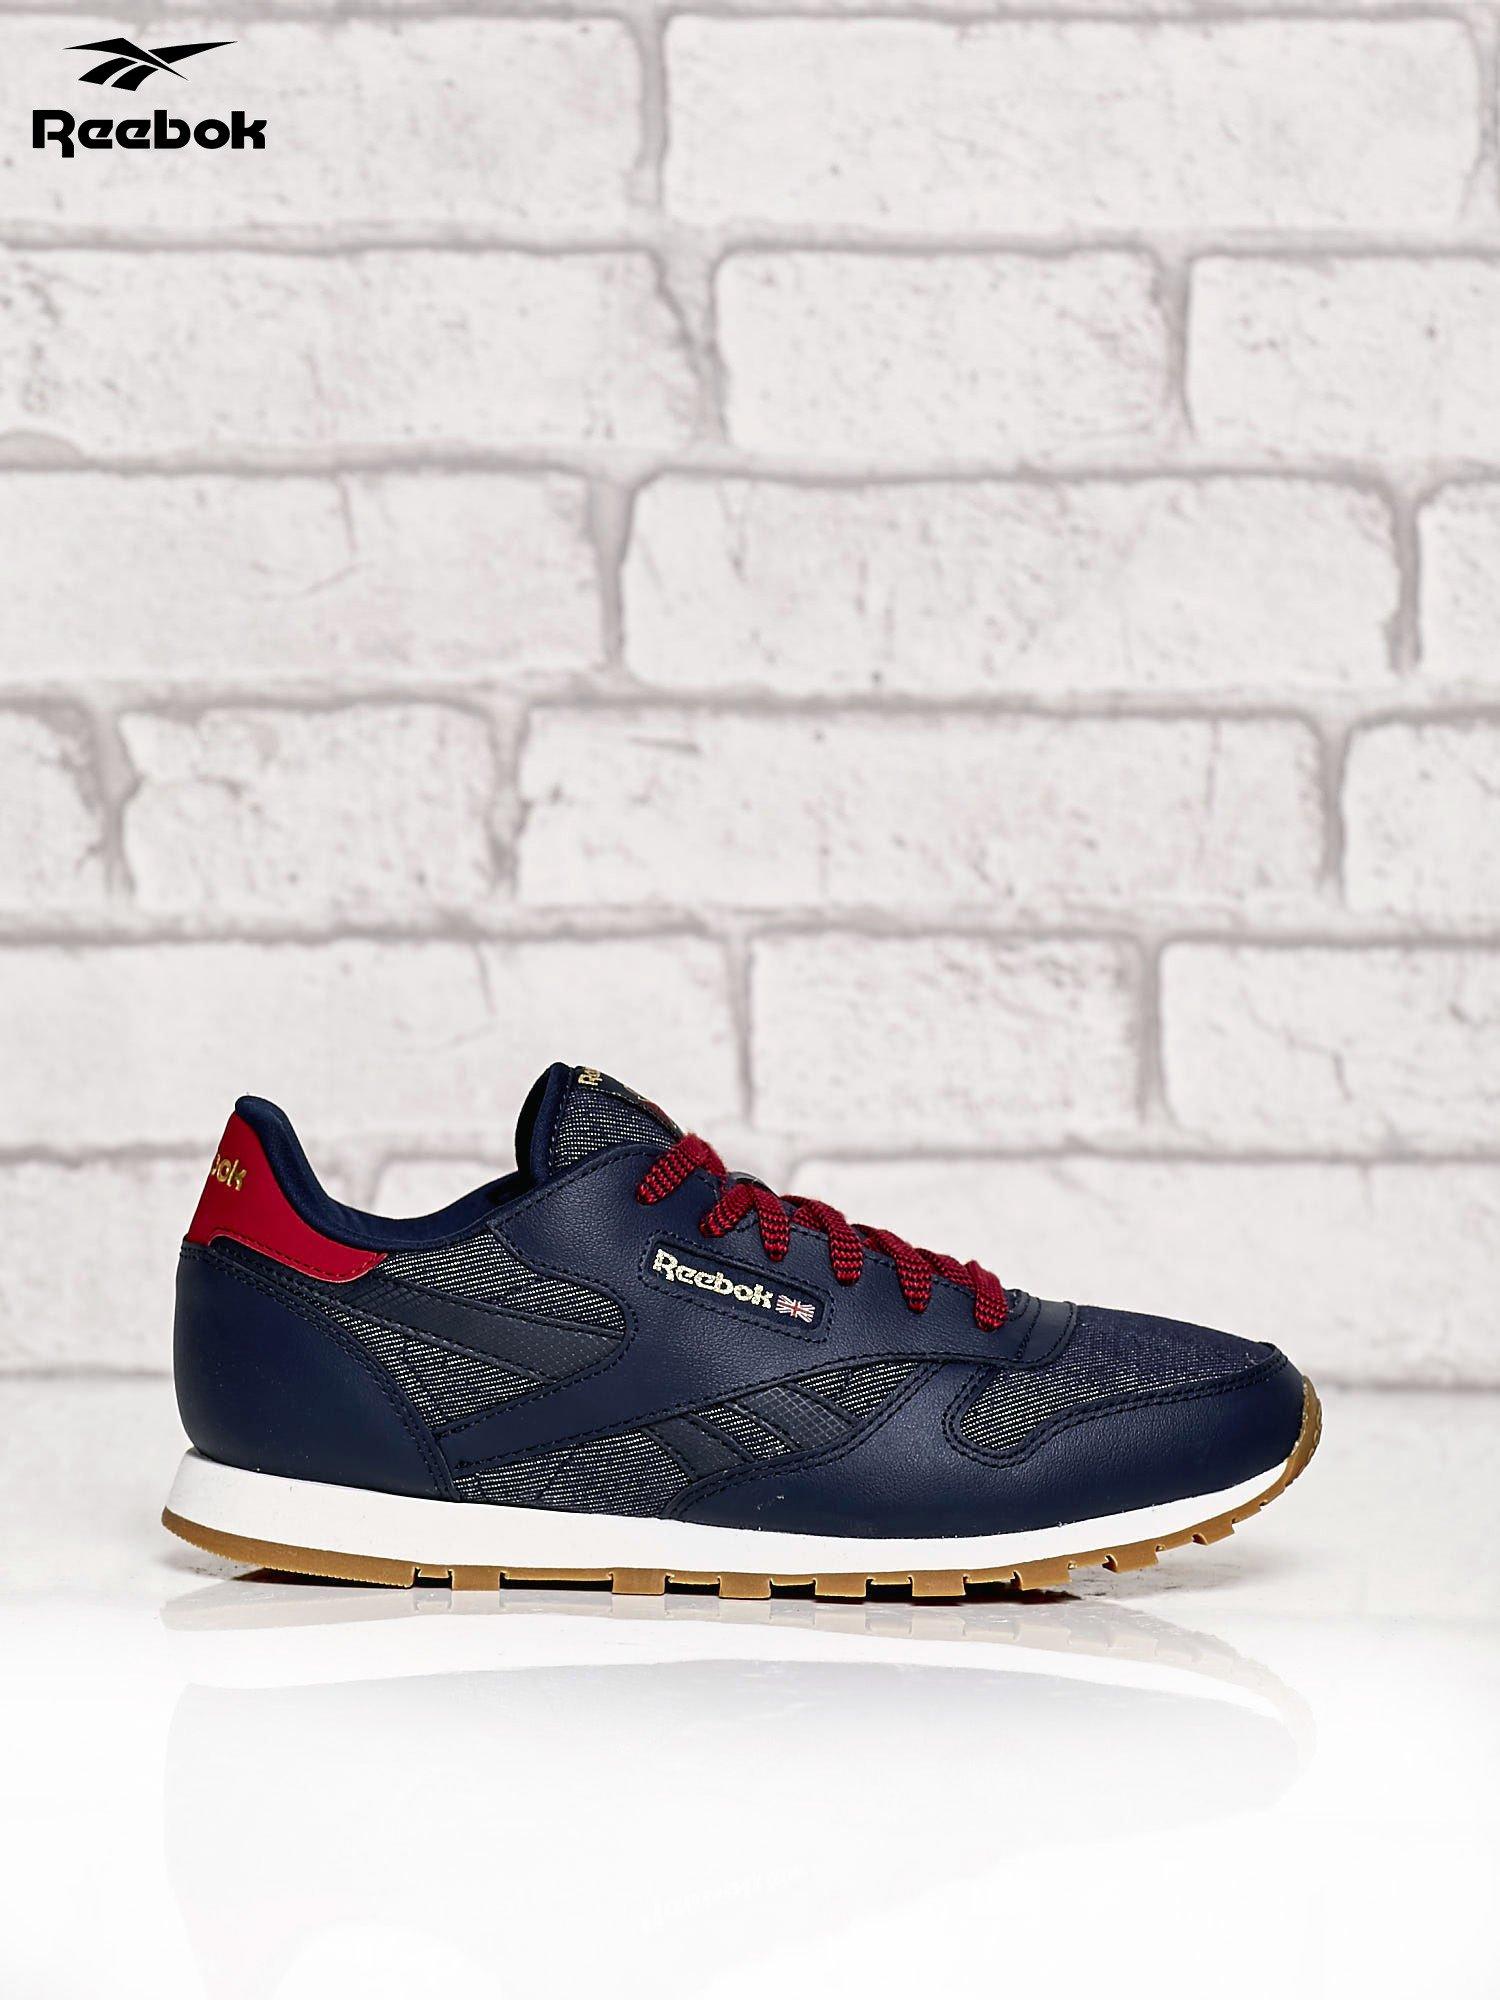 77919b5b40084 reebok damskie REEBOK granatowe sneakersy damskie Classic Leather DG z  kolorowymi .